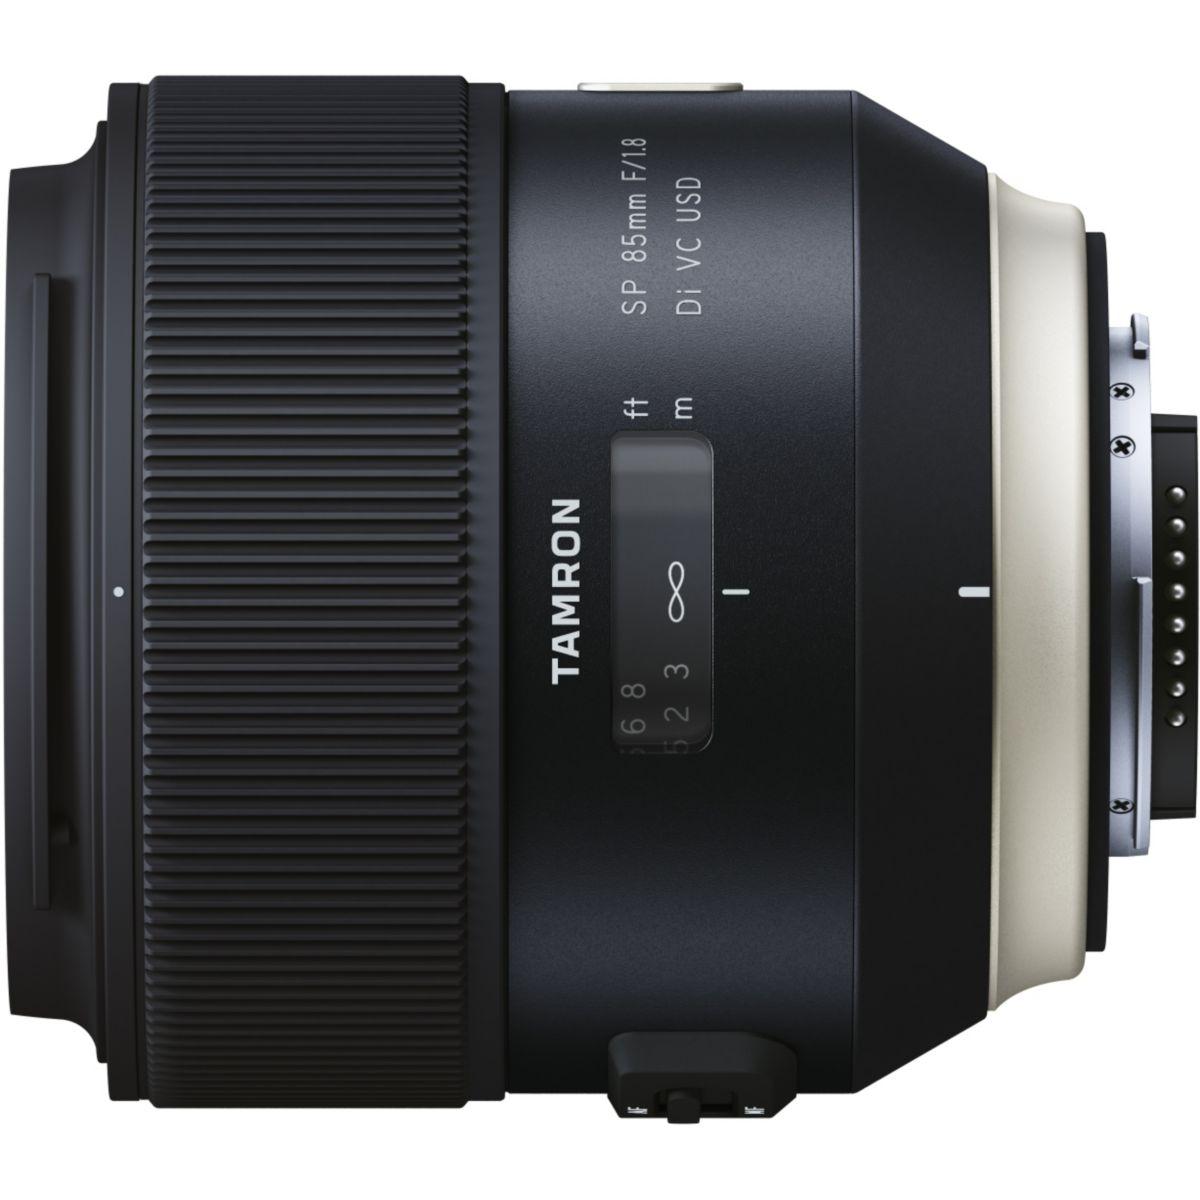 Objectif pour Reflex TAMRON SP 85mm F/1,8 Di VC USD Nikon